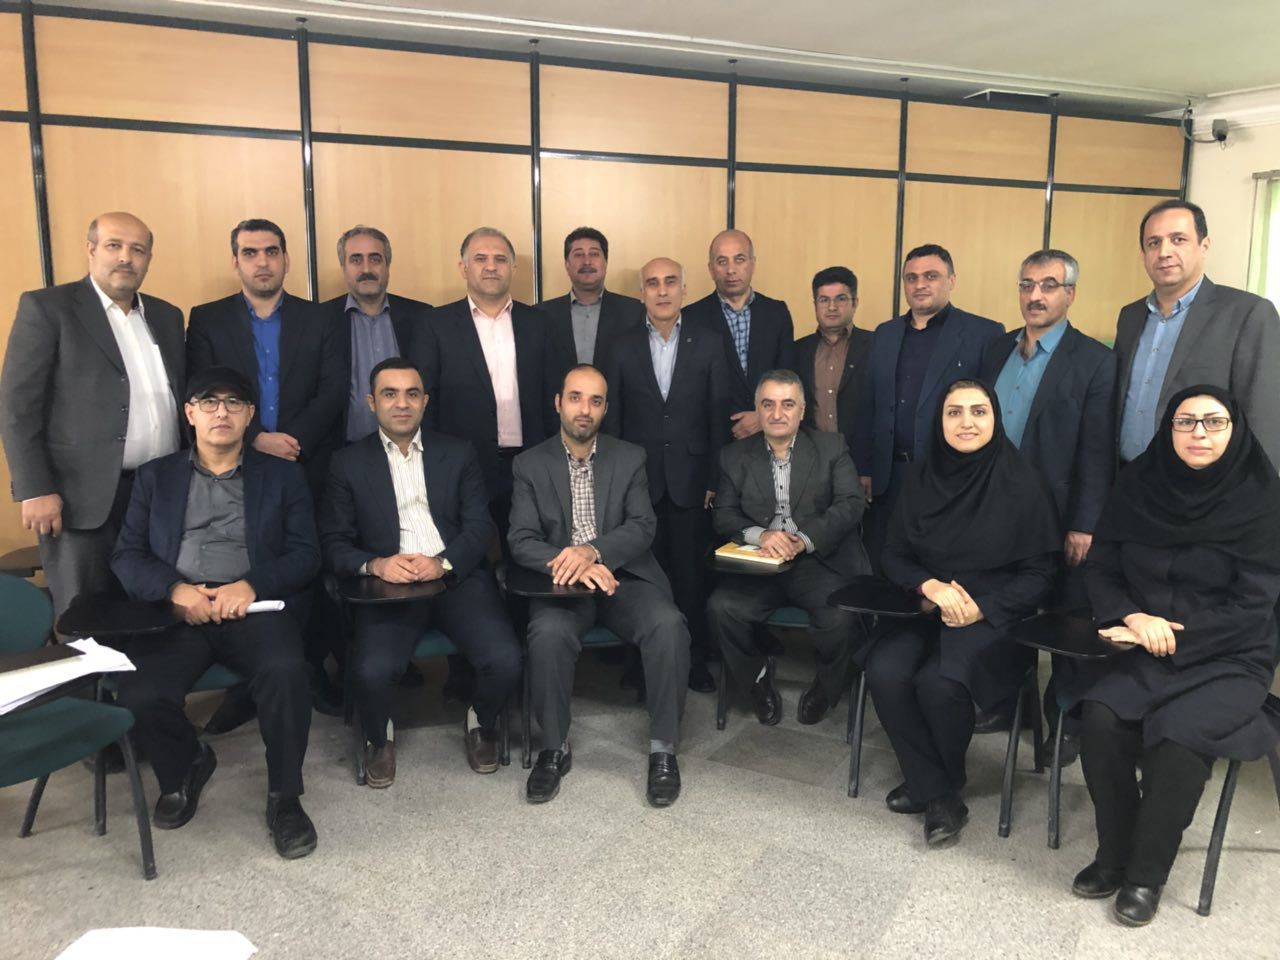 دوره آموزشی تجزیه و تحلیل صورتهای مالی بانک در نوشهر 7و8 آبان97